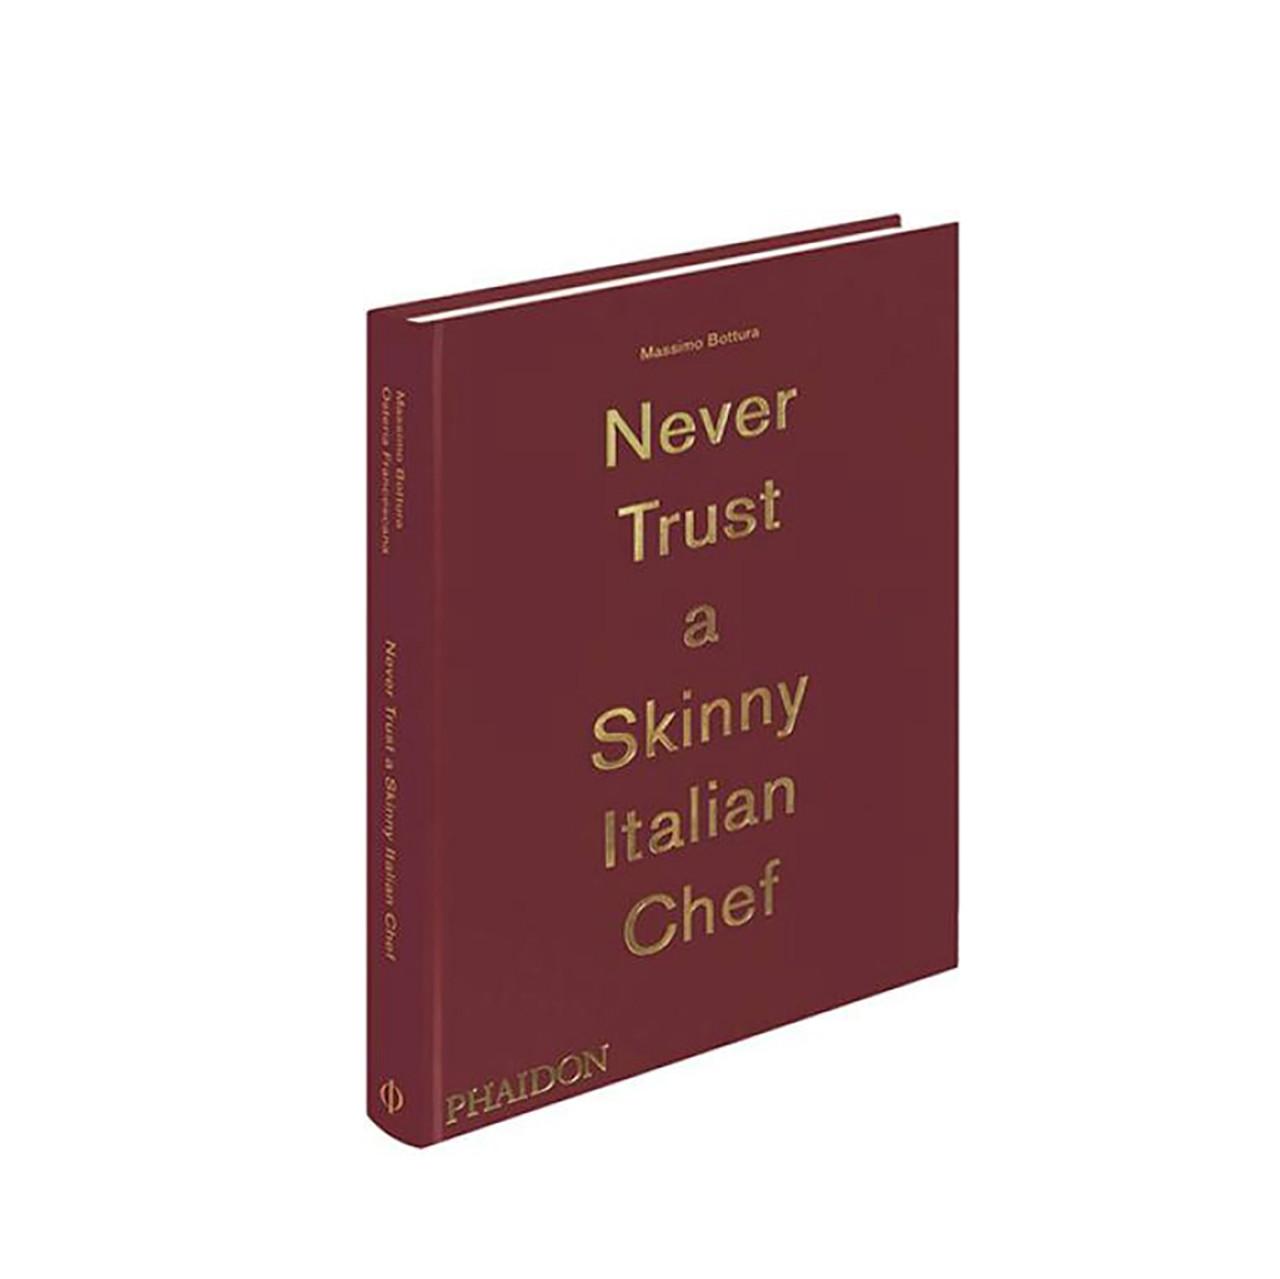 Never Trust A Skinny Italian Chef - Massimo Bottura (PRE-ORDER)